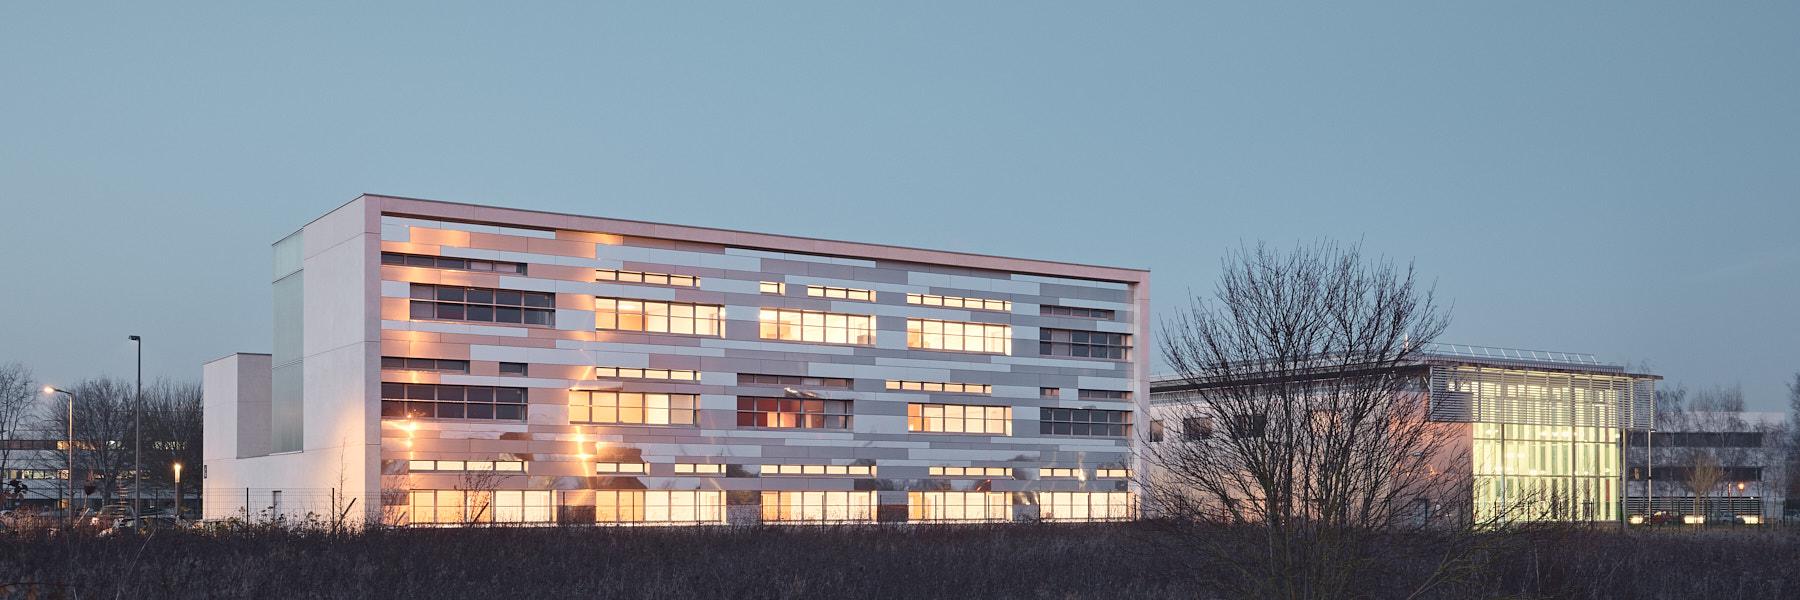 IUT Senart à Lieusaint par Enia architectes